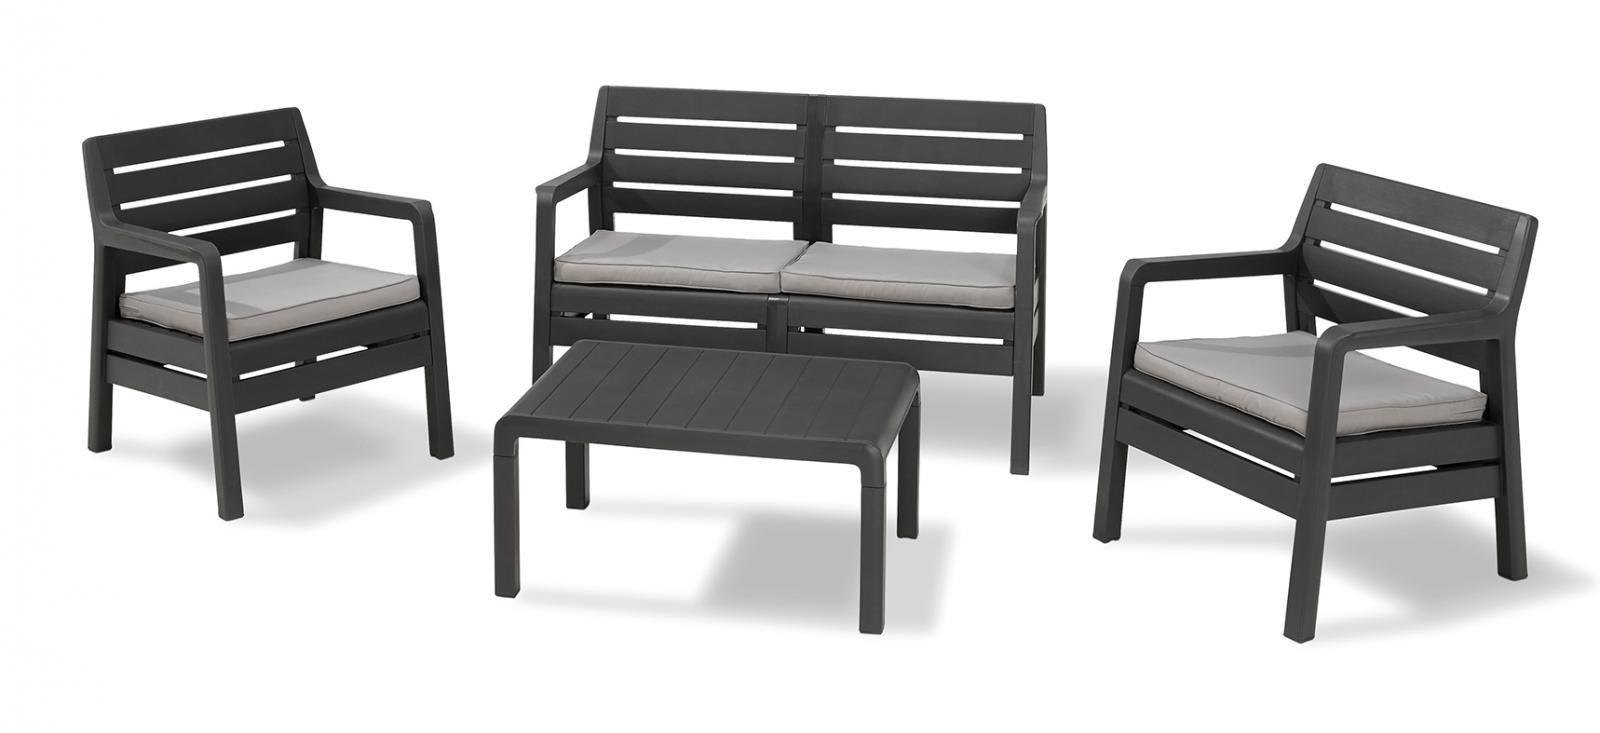 Комплект пластиковой мебели Delano Set